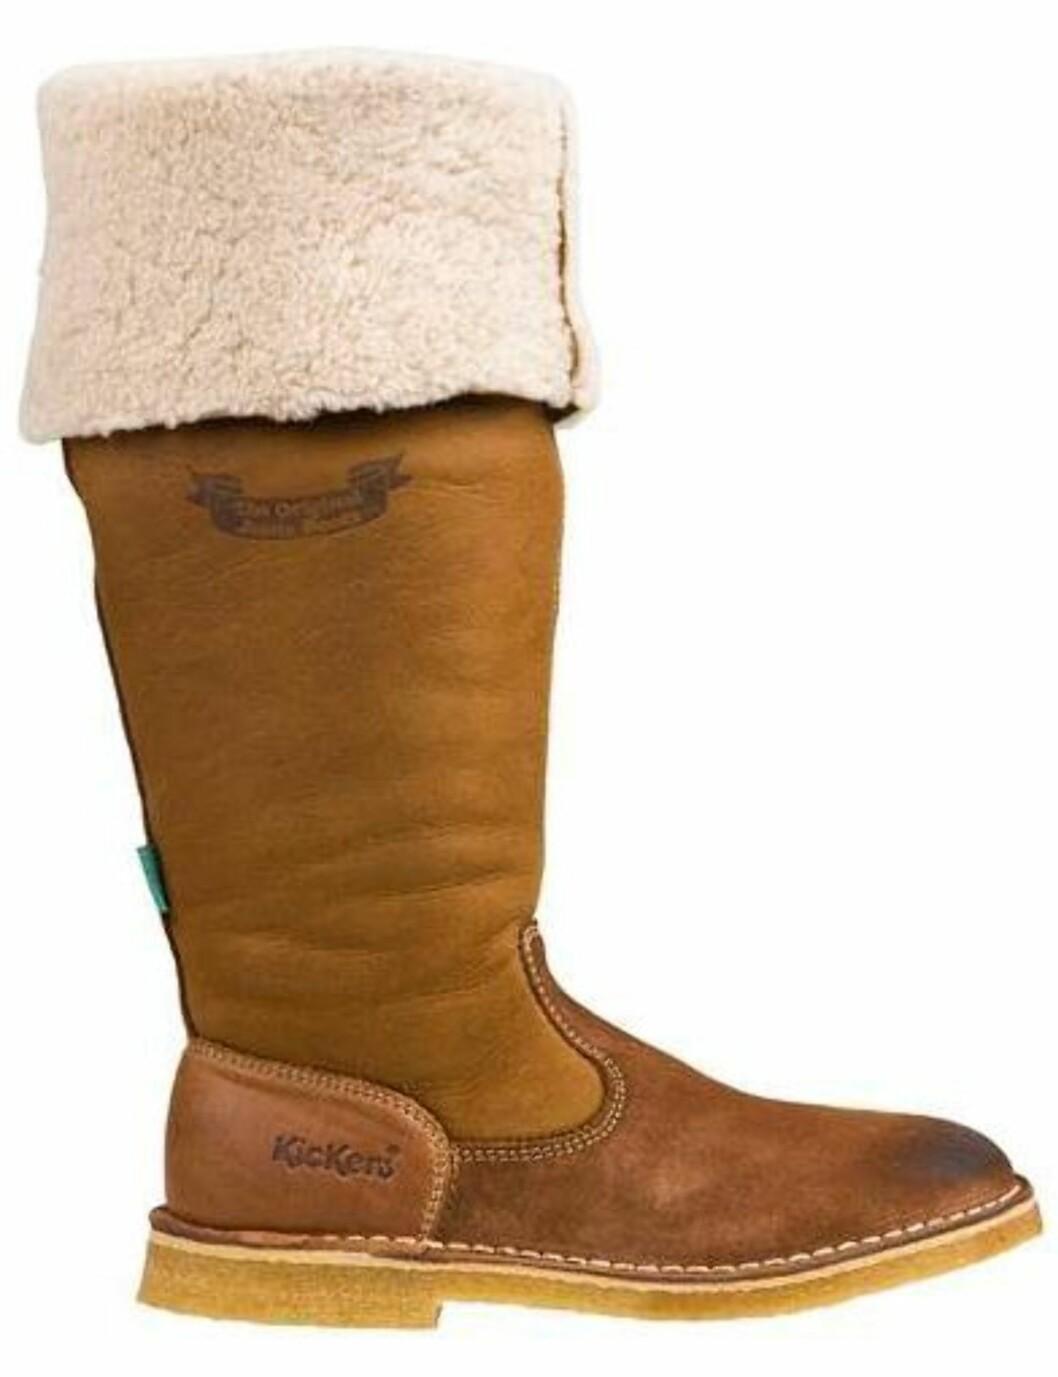 Skinnsstøvel med pelsoppbrett og fleecefor (kr 2499, Kickers/Logoshopping.no